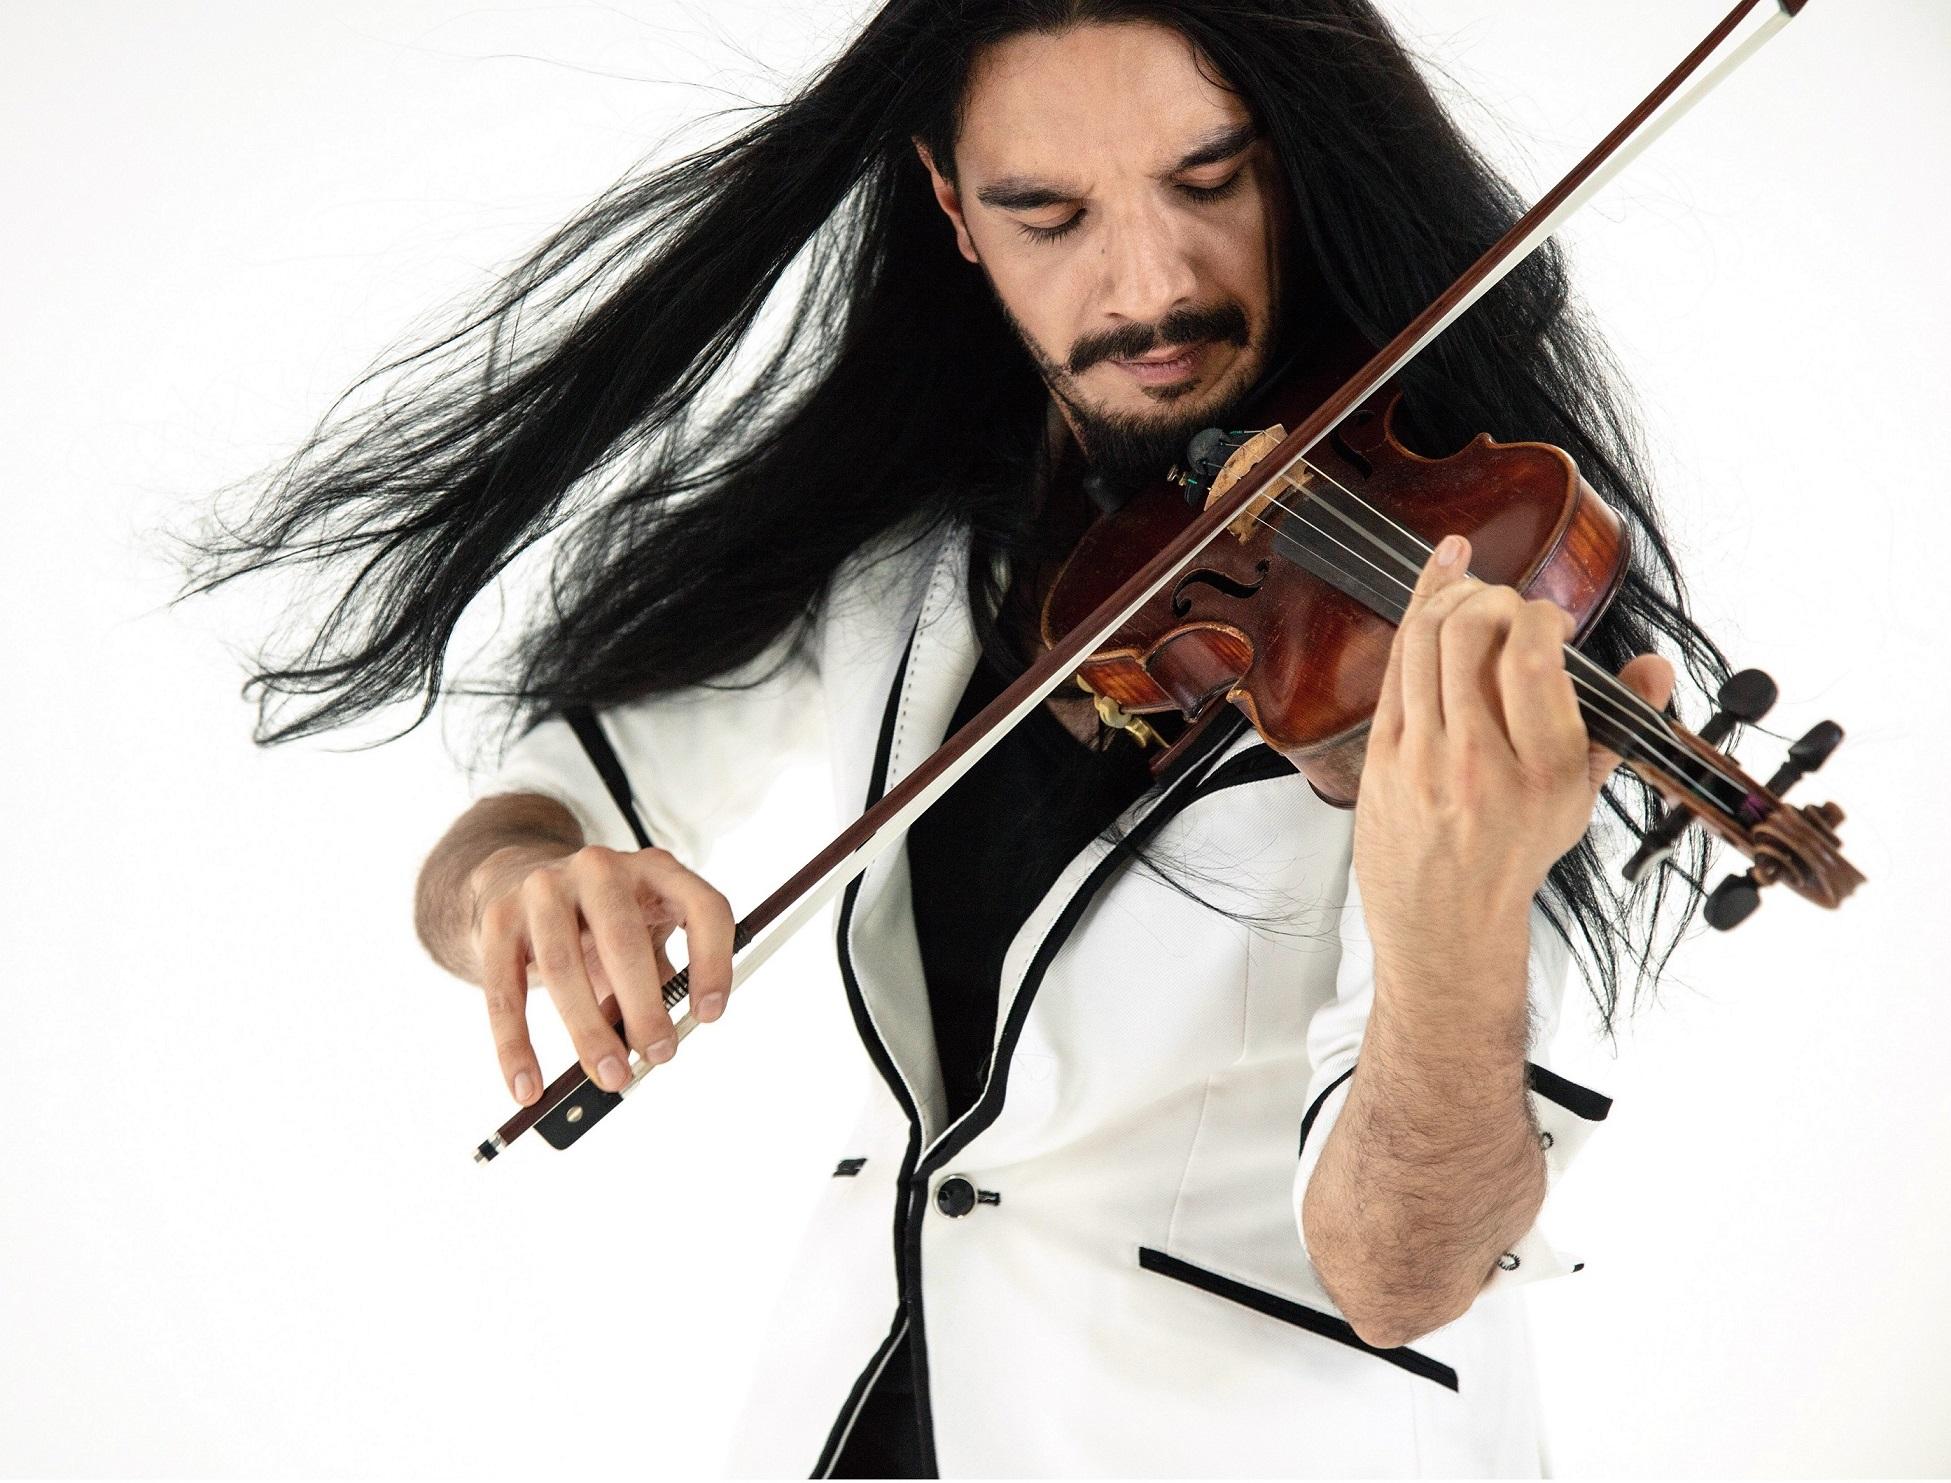 Víctor Pablo Pérez dirige a la Sinfónica de Tenerife con el violinista Nemanja Radulovic como solista